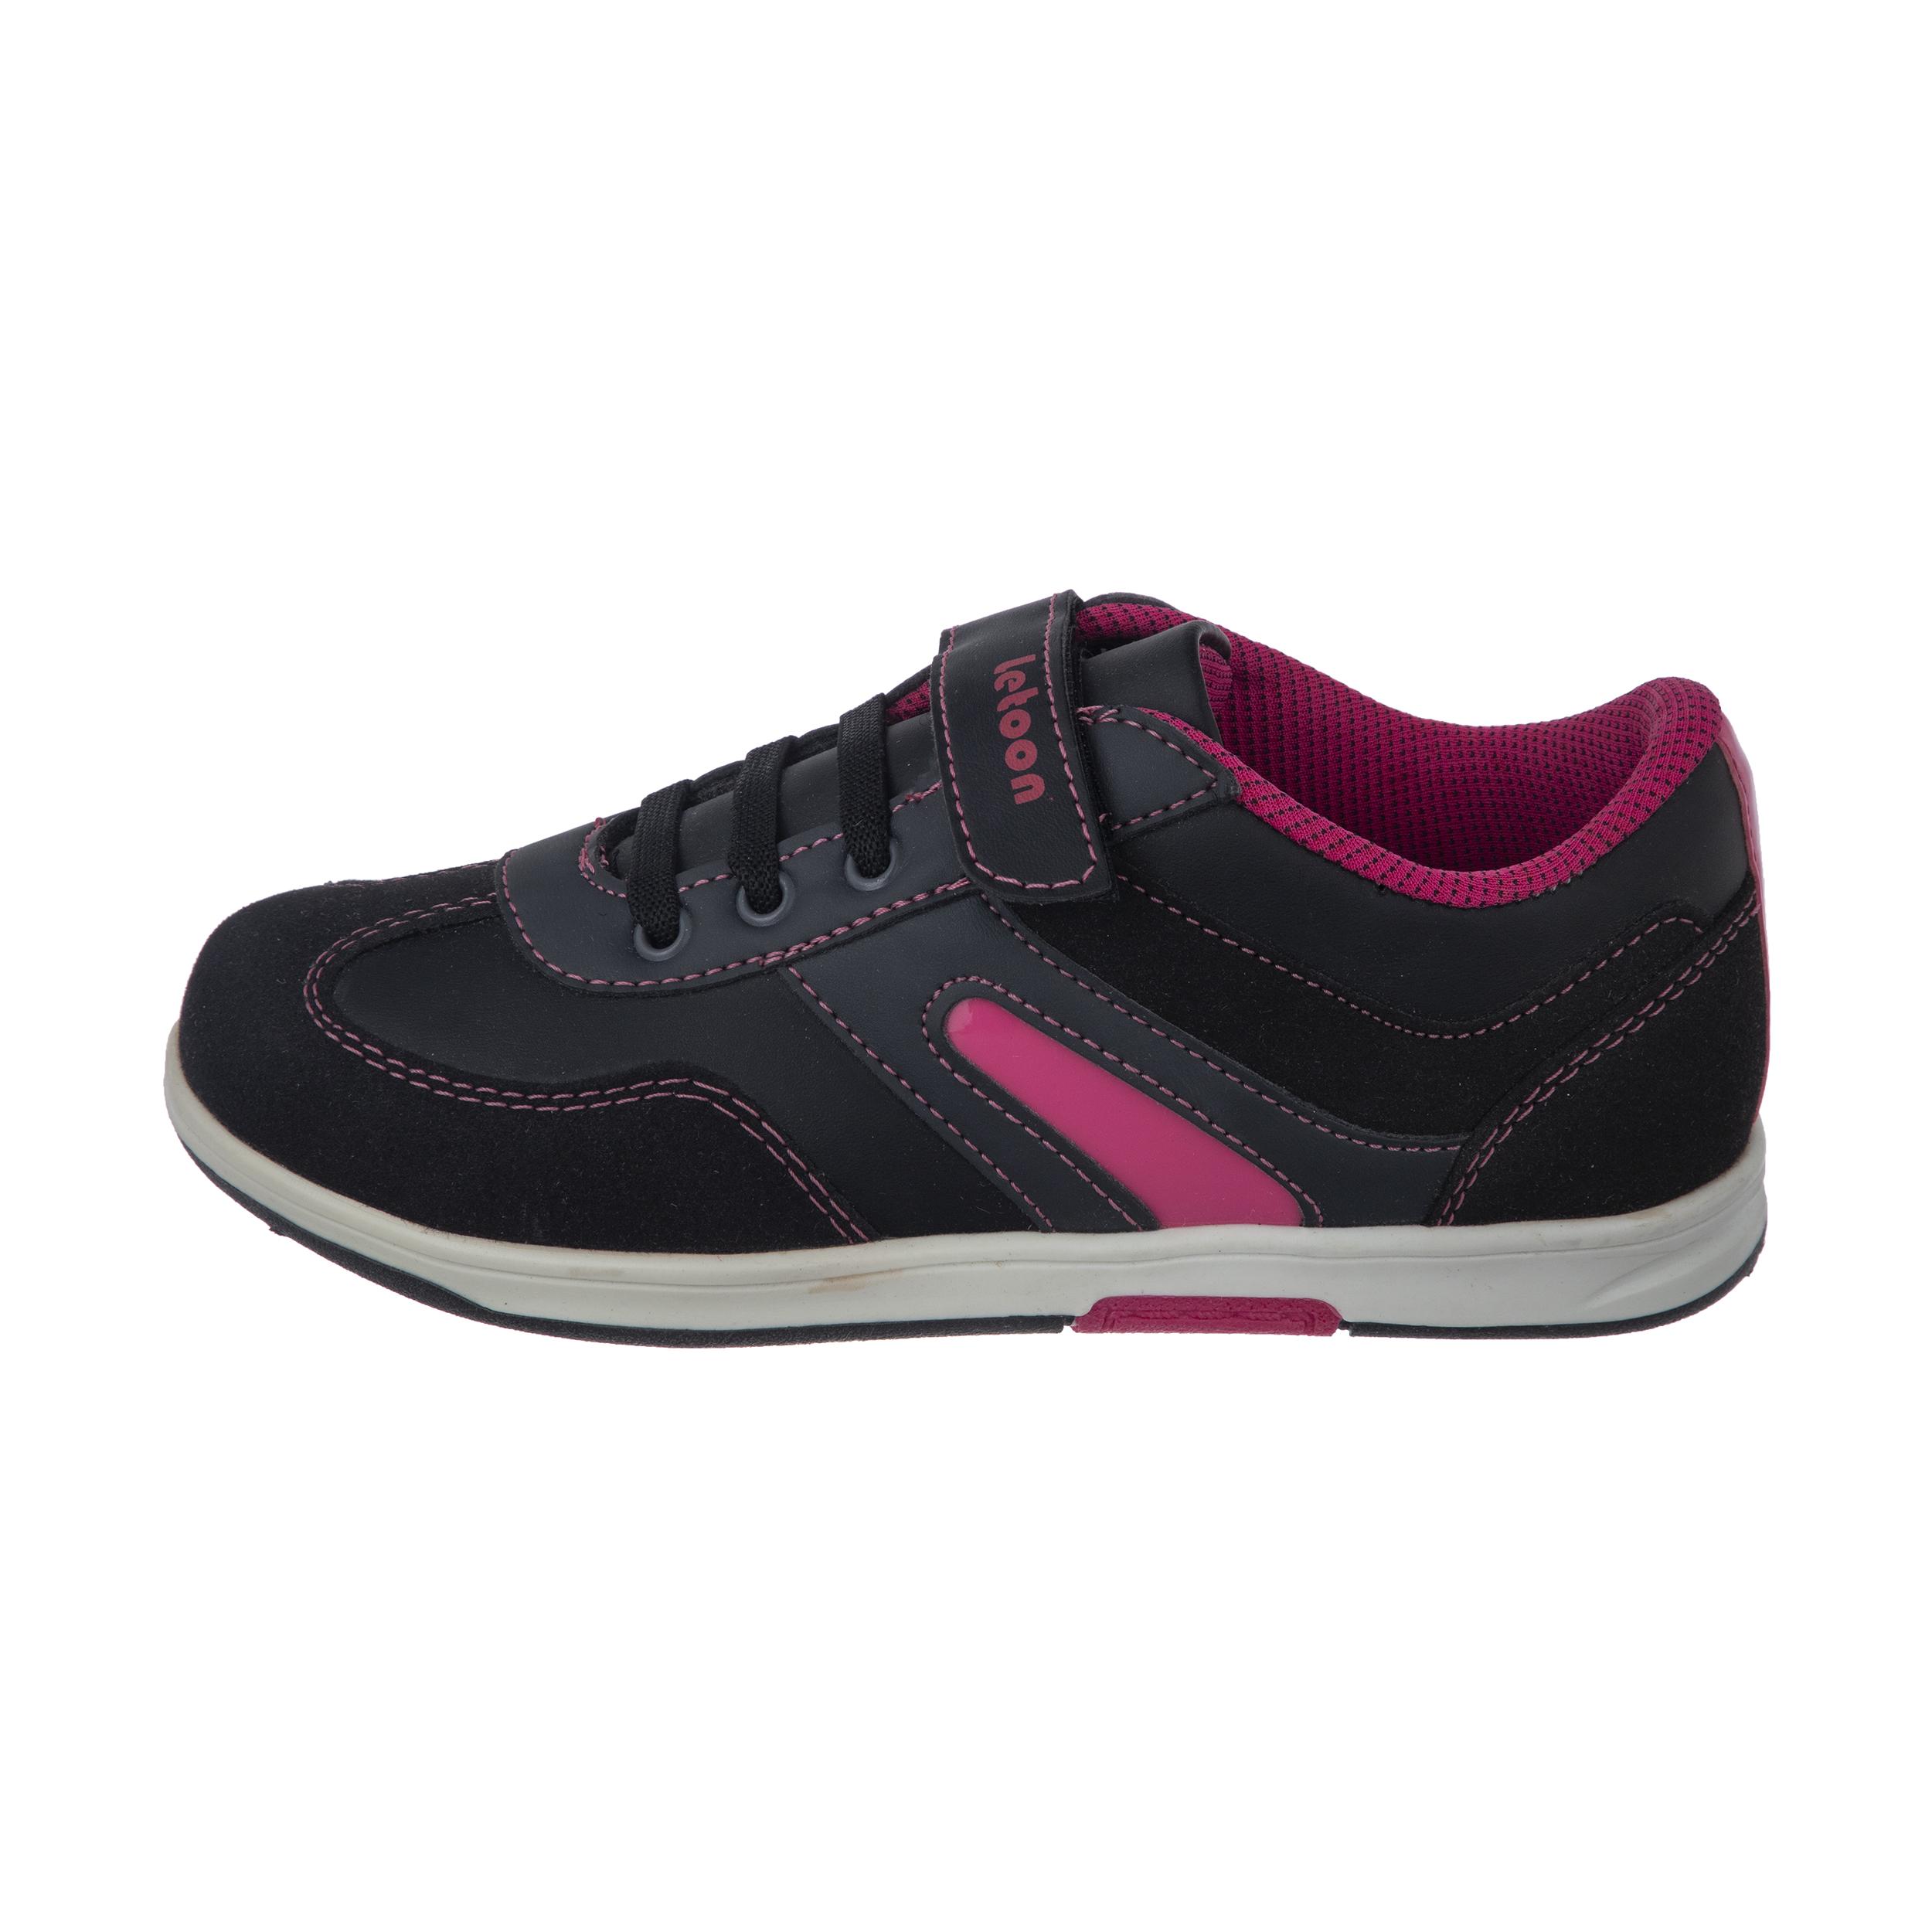 کفش راحتی دخترانه لتون مدل 8699394760175